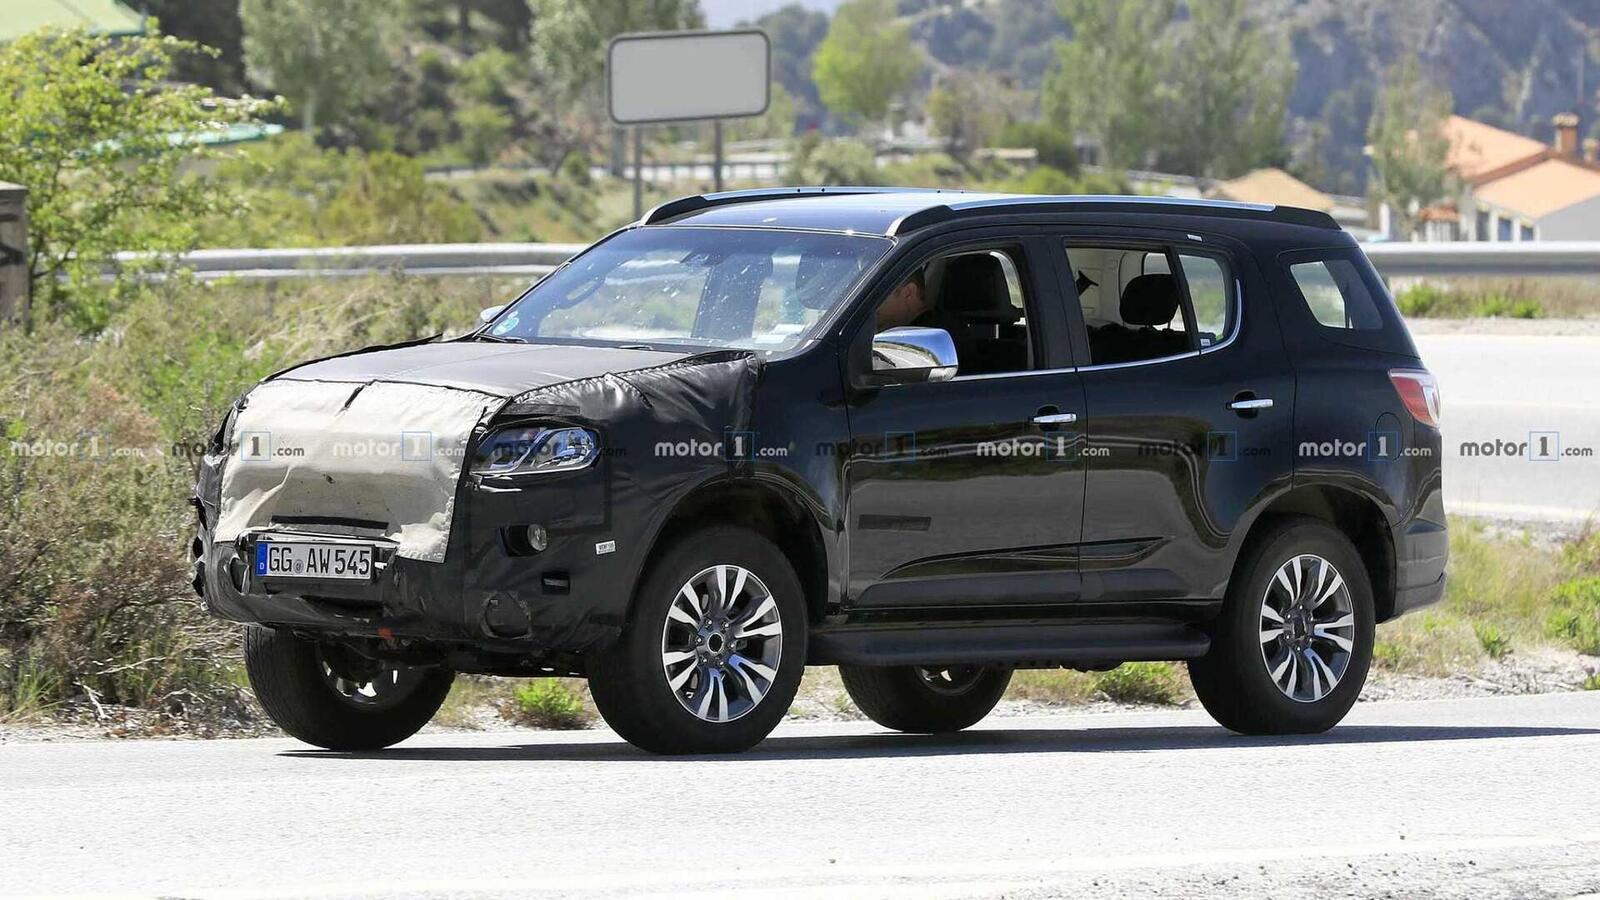 Chevrolet đang nâng cấp cho Trailblazer và có thể đưa về Mỹ trong tương lai gần - Hình 5